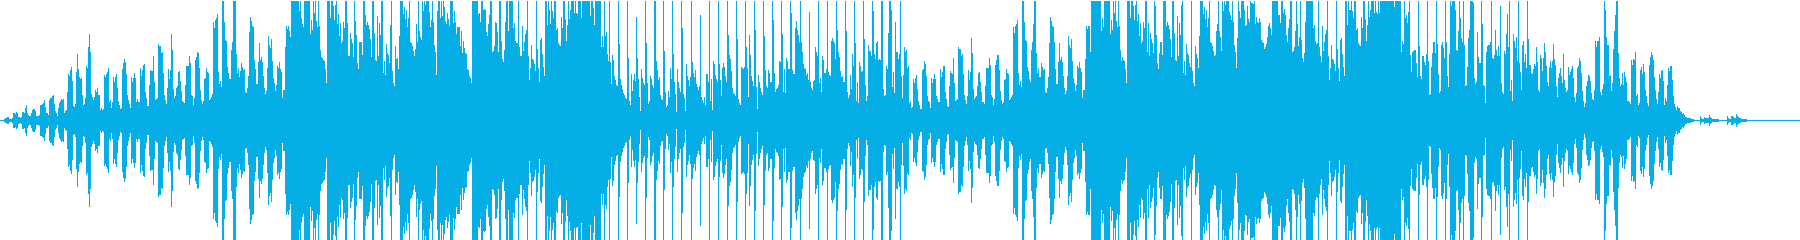 ゆったりとした雰囲気のピアノバラードの再生済みの波形